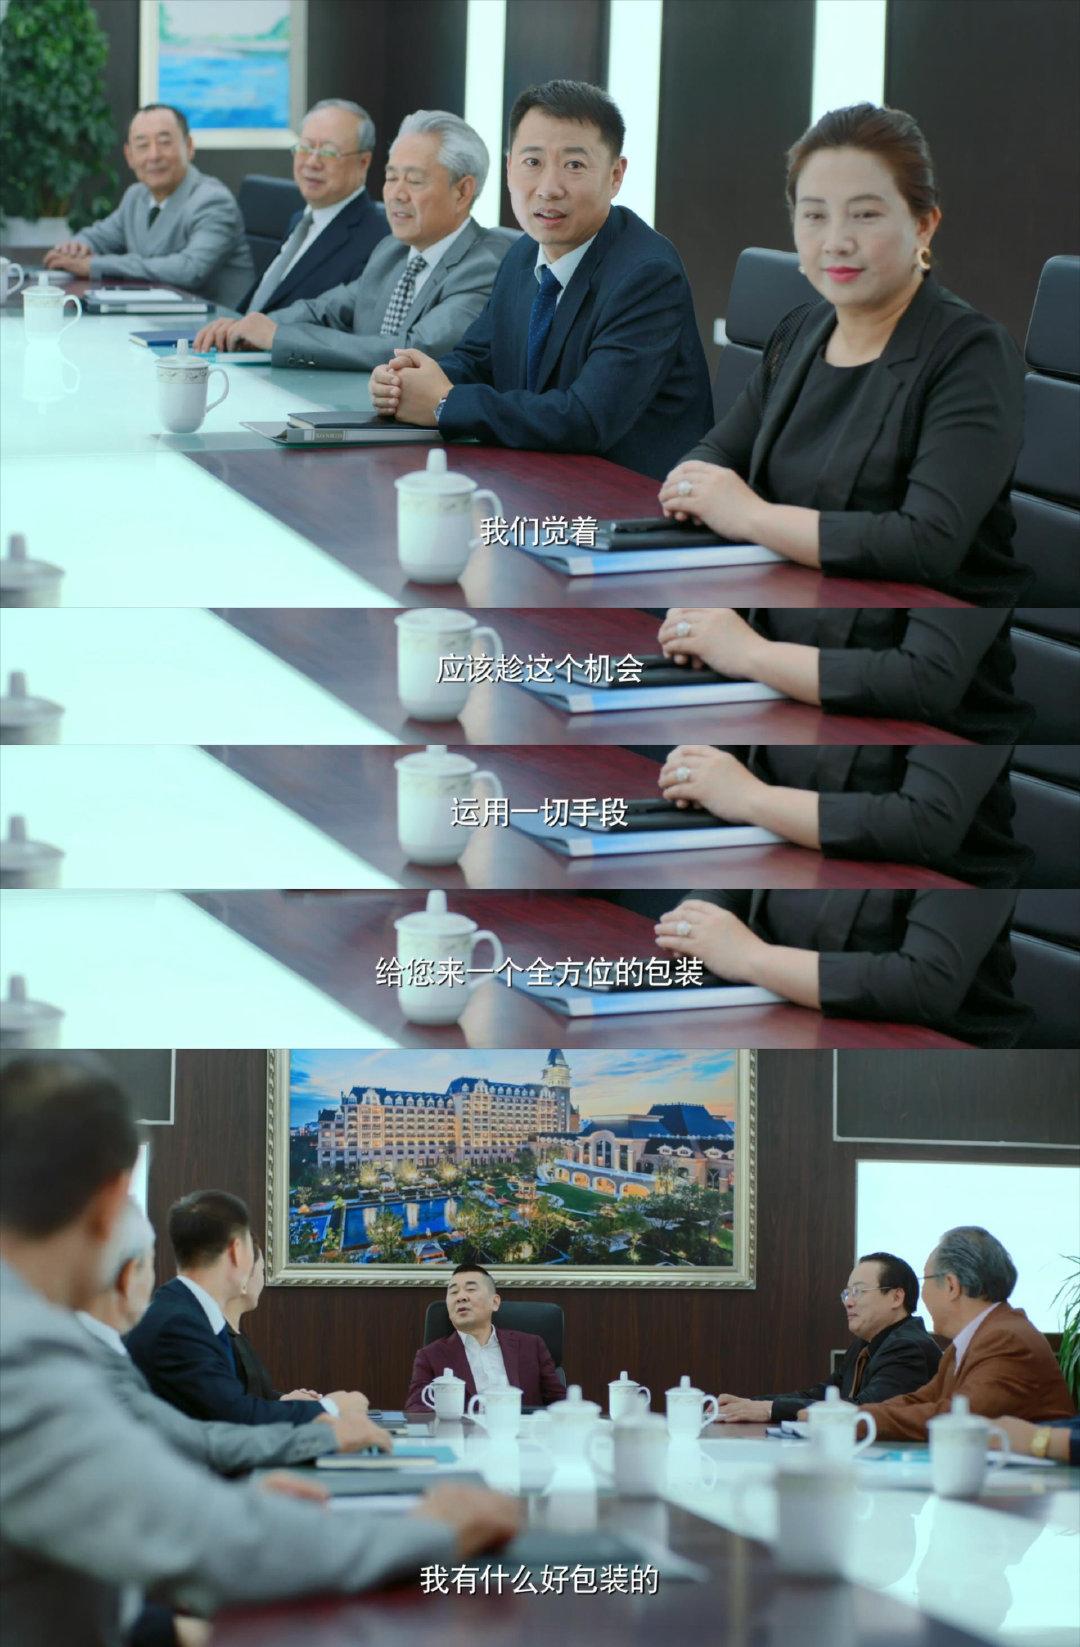 会上董事会一致通过要把李洪海包装成明星企业家,还包了摄影师跟拍